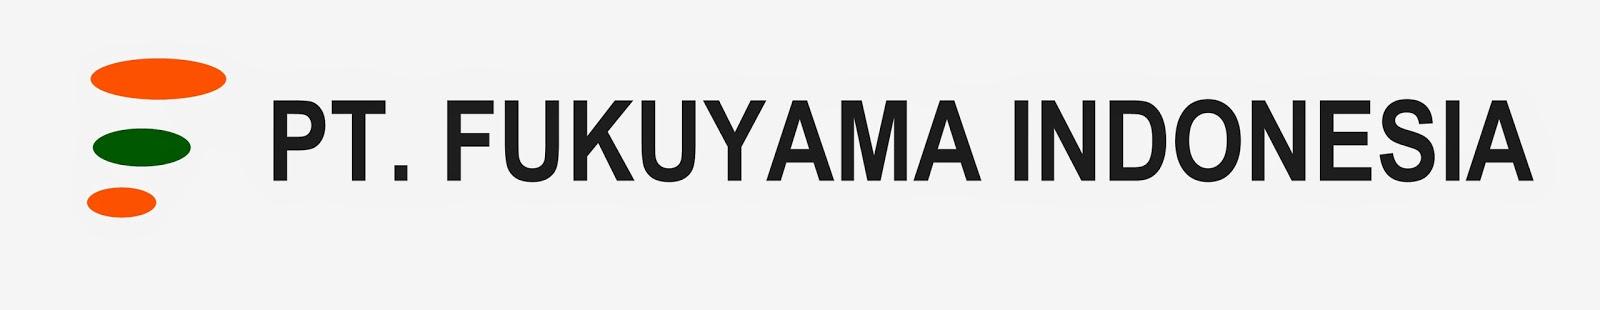 Lowongan PT Fukuyama Indonesia Untuk Bulan Oktober 2018 Plant MM2100 Bekasi